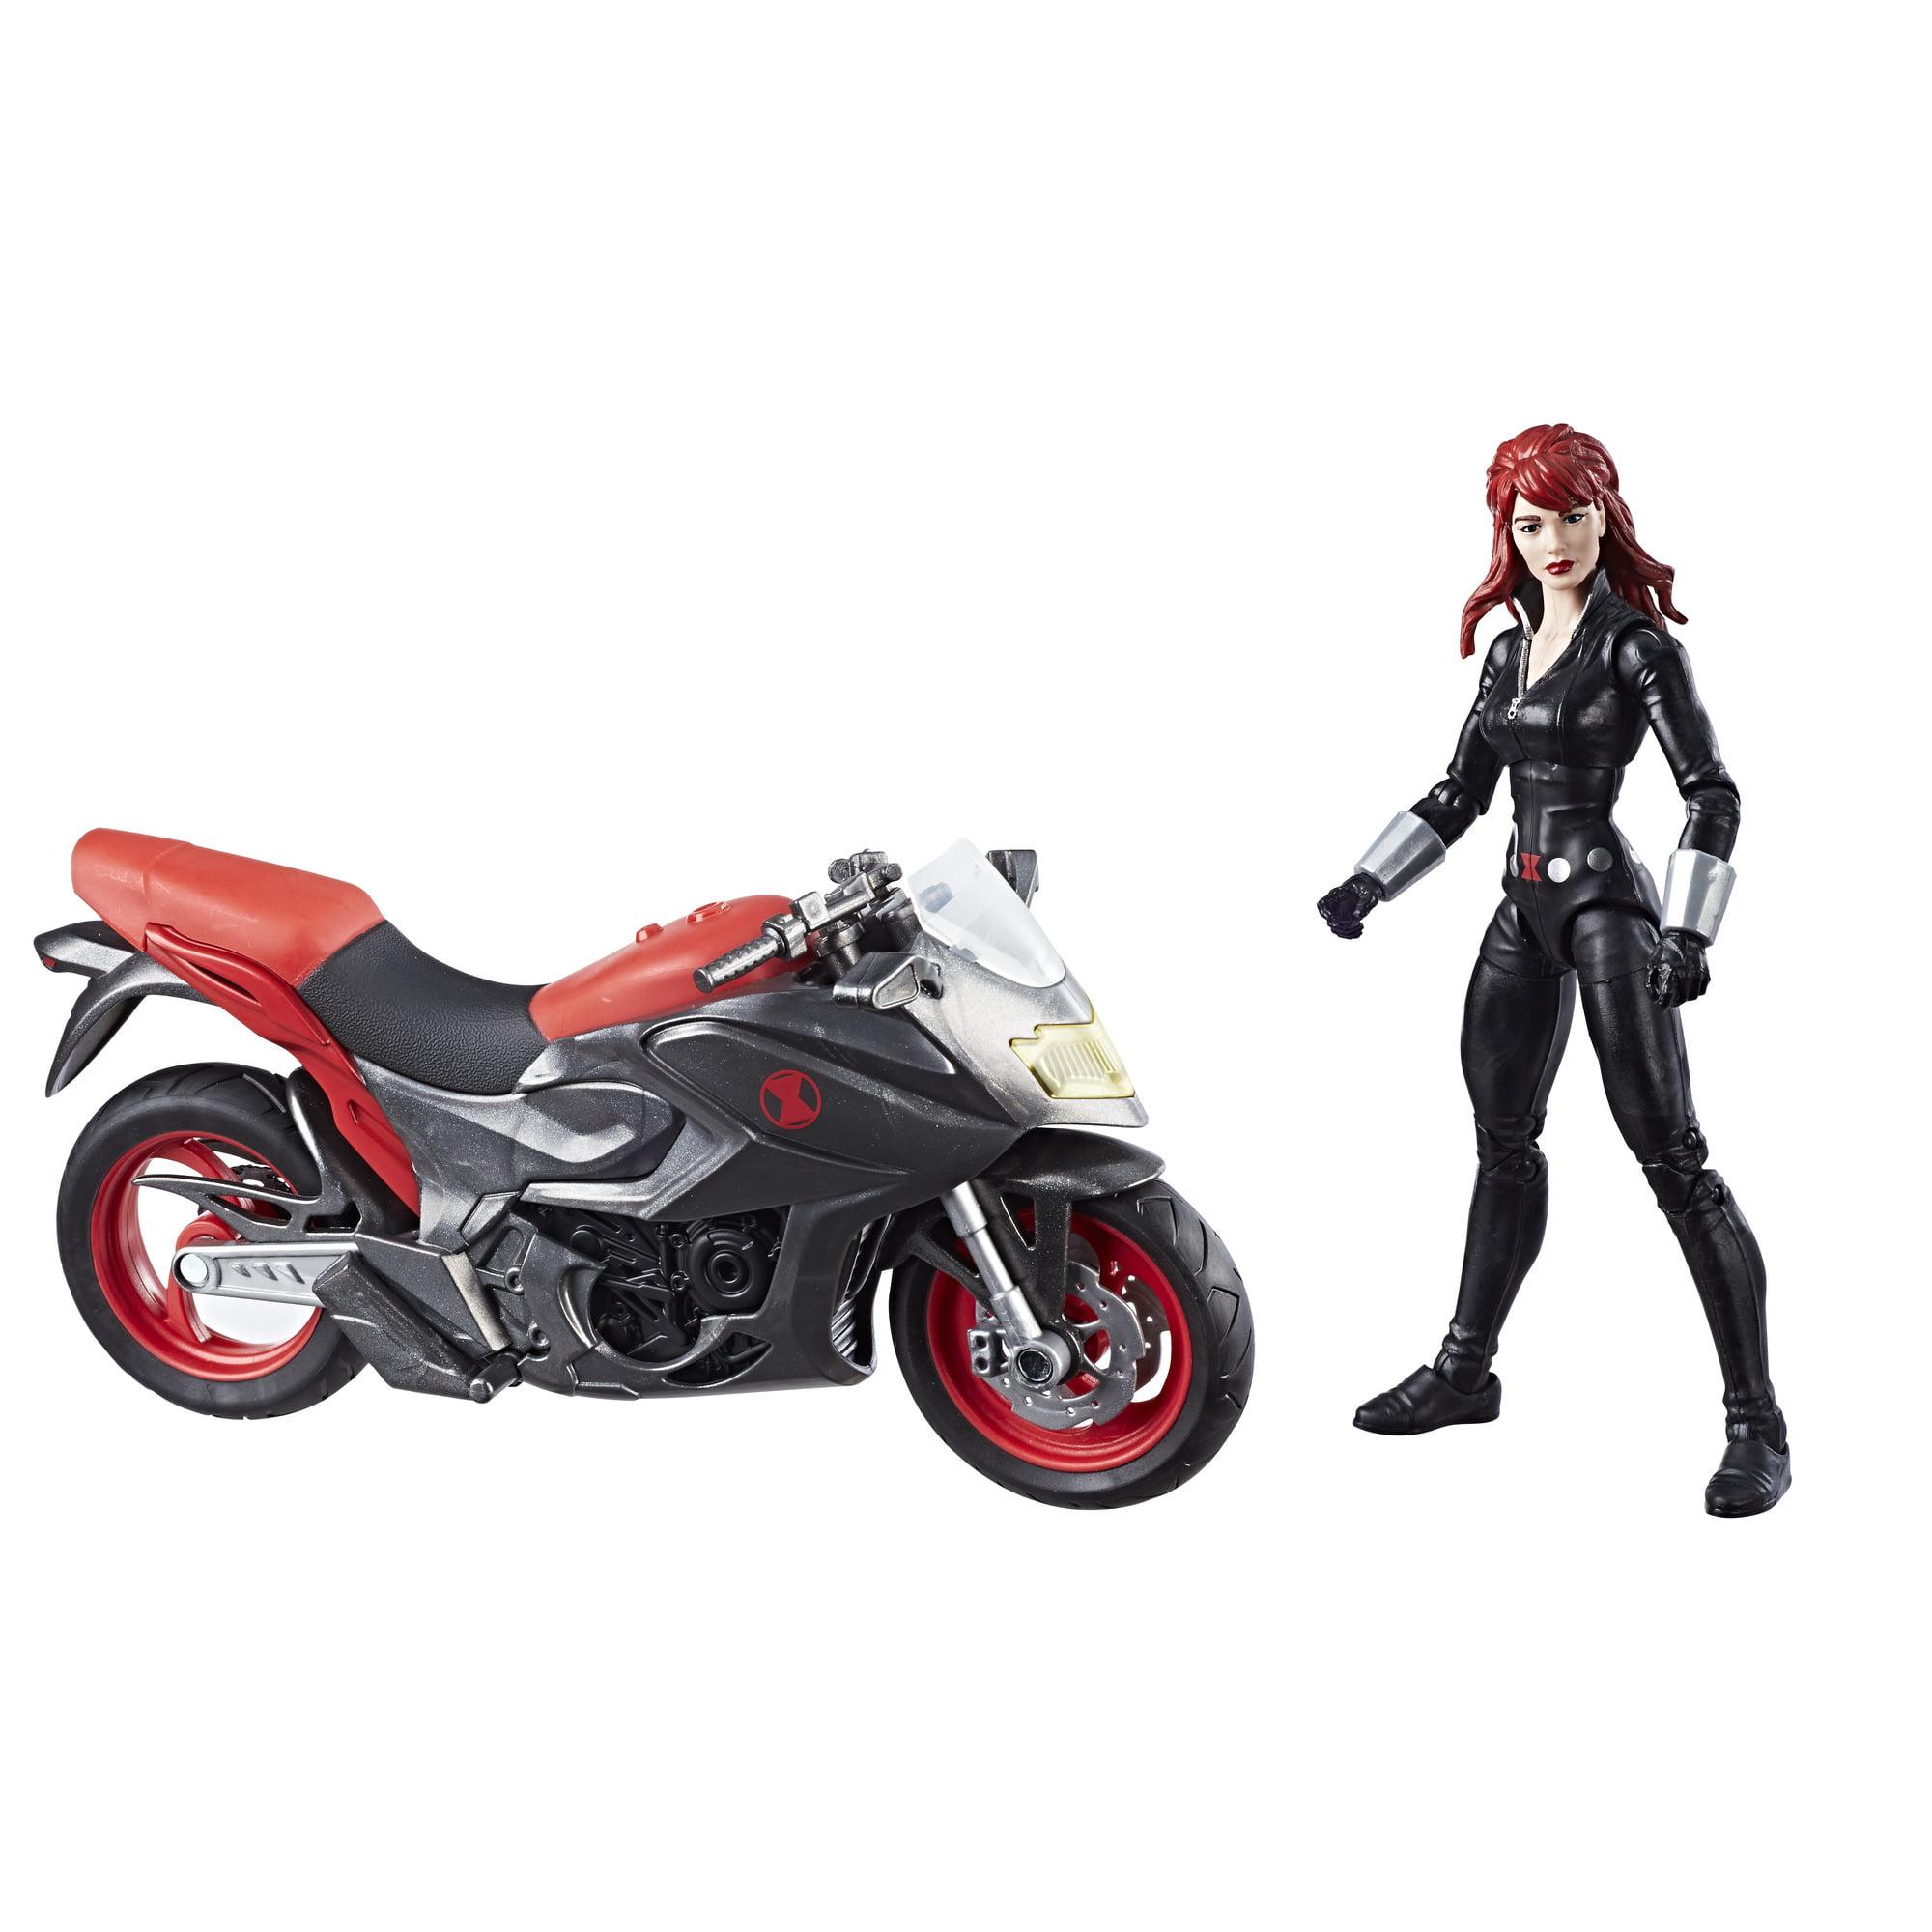 Marvel Legends Series Black Widow 6 inch Exclusive Action Figure New